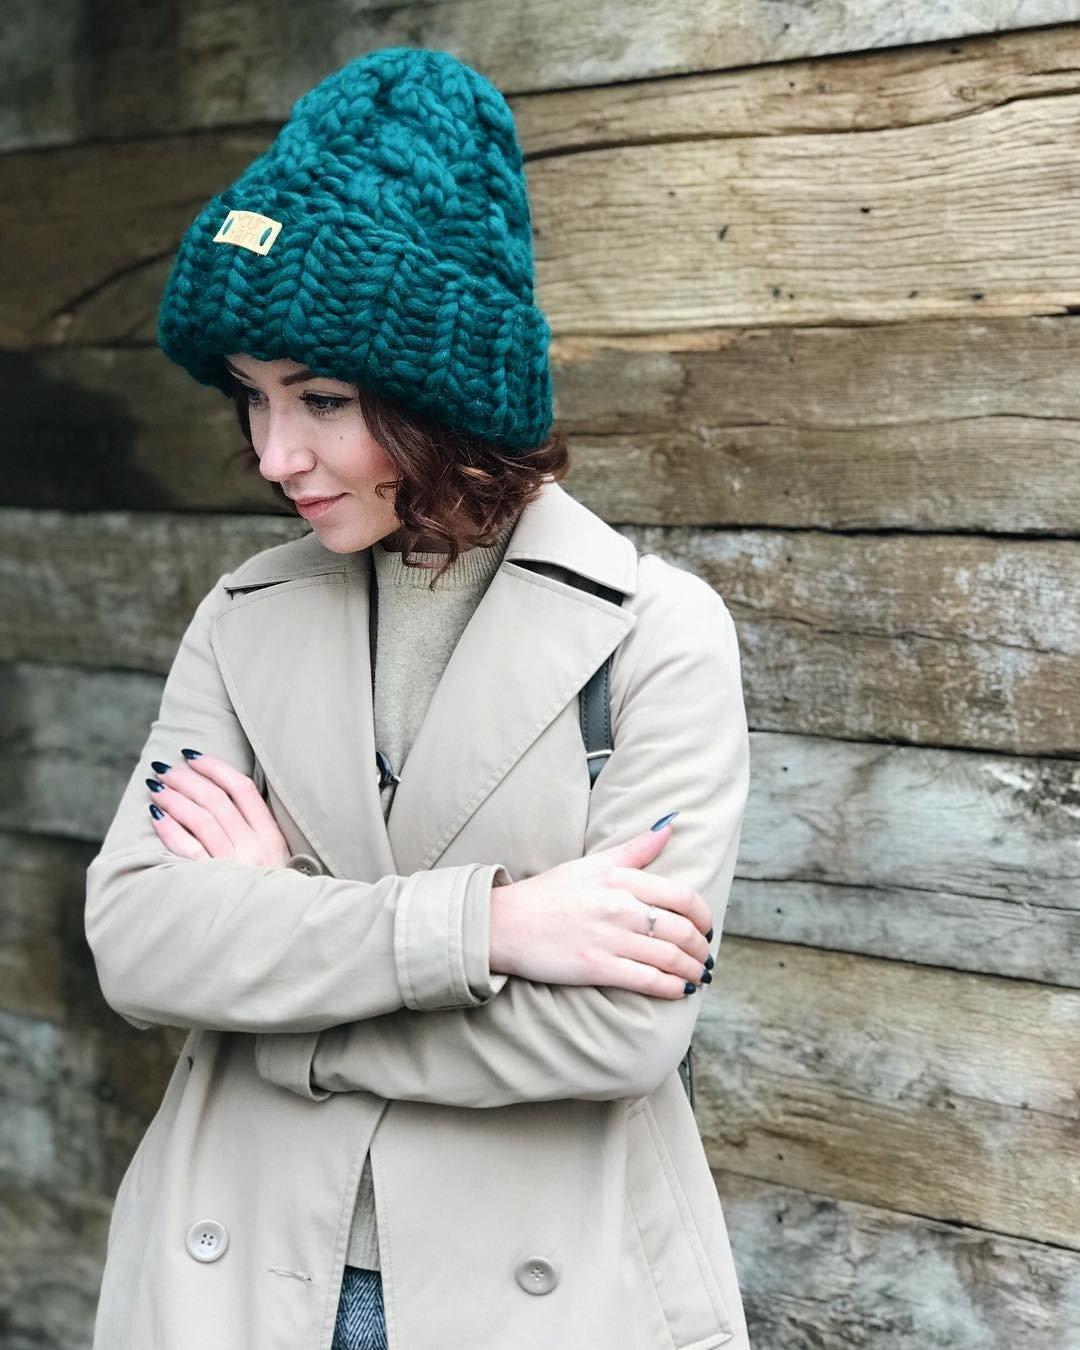 зеленая шапка крупной вязки